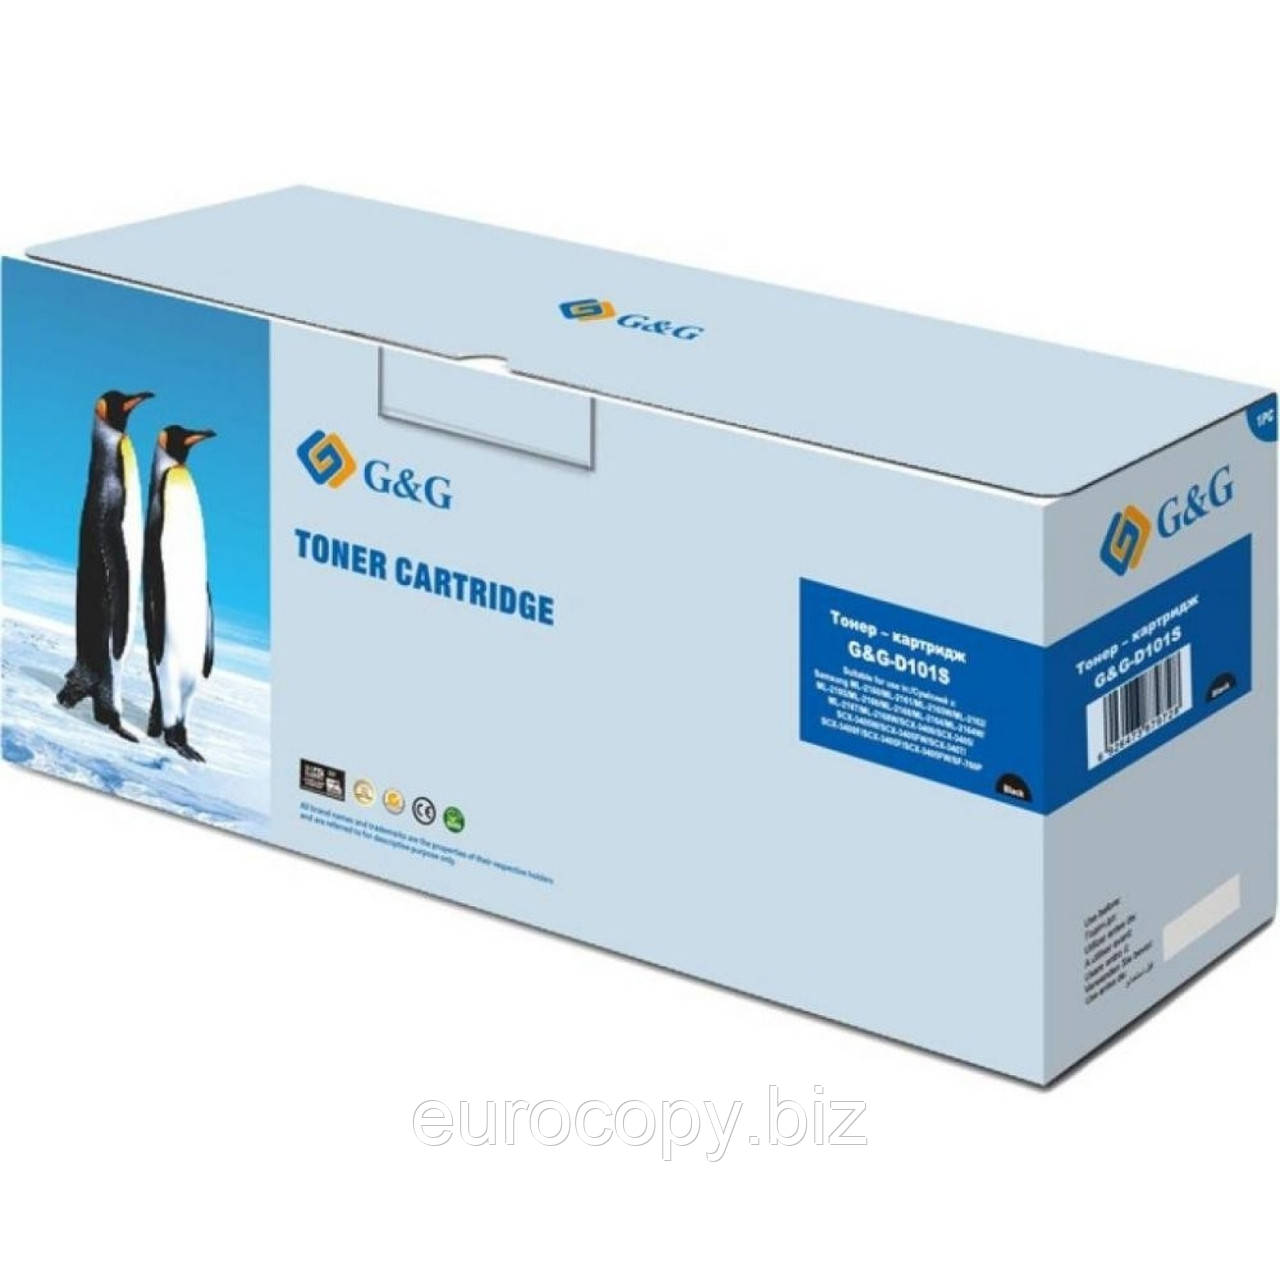 Картридж G&G до Samsung ML-2160/2165/SCX-3400/3405 Black (1500 стр)